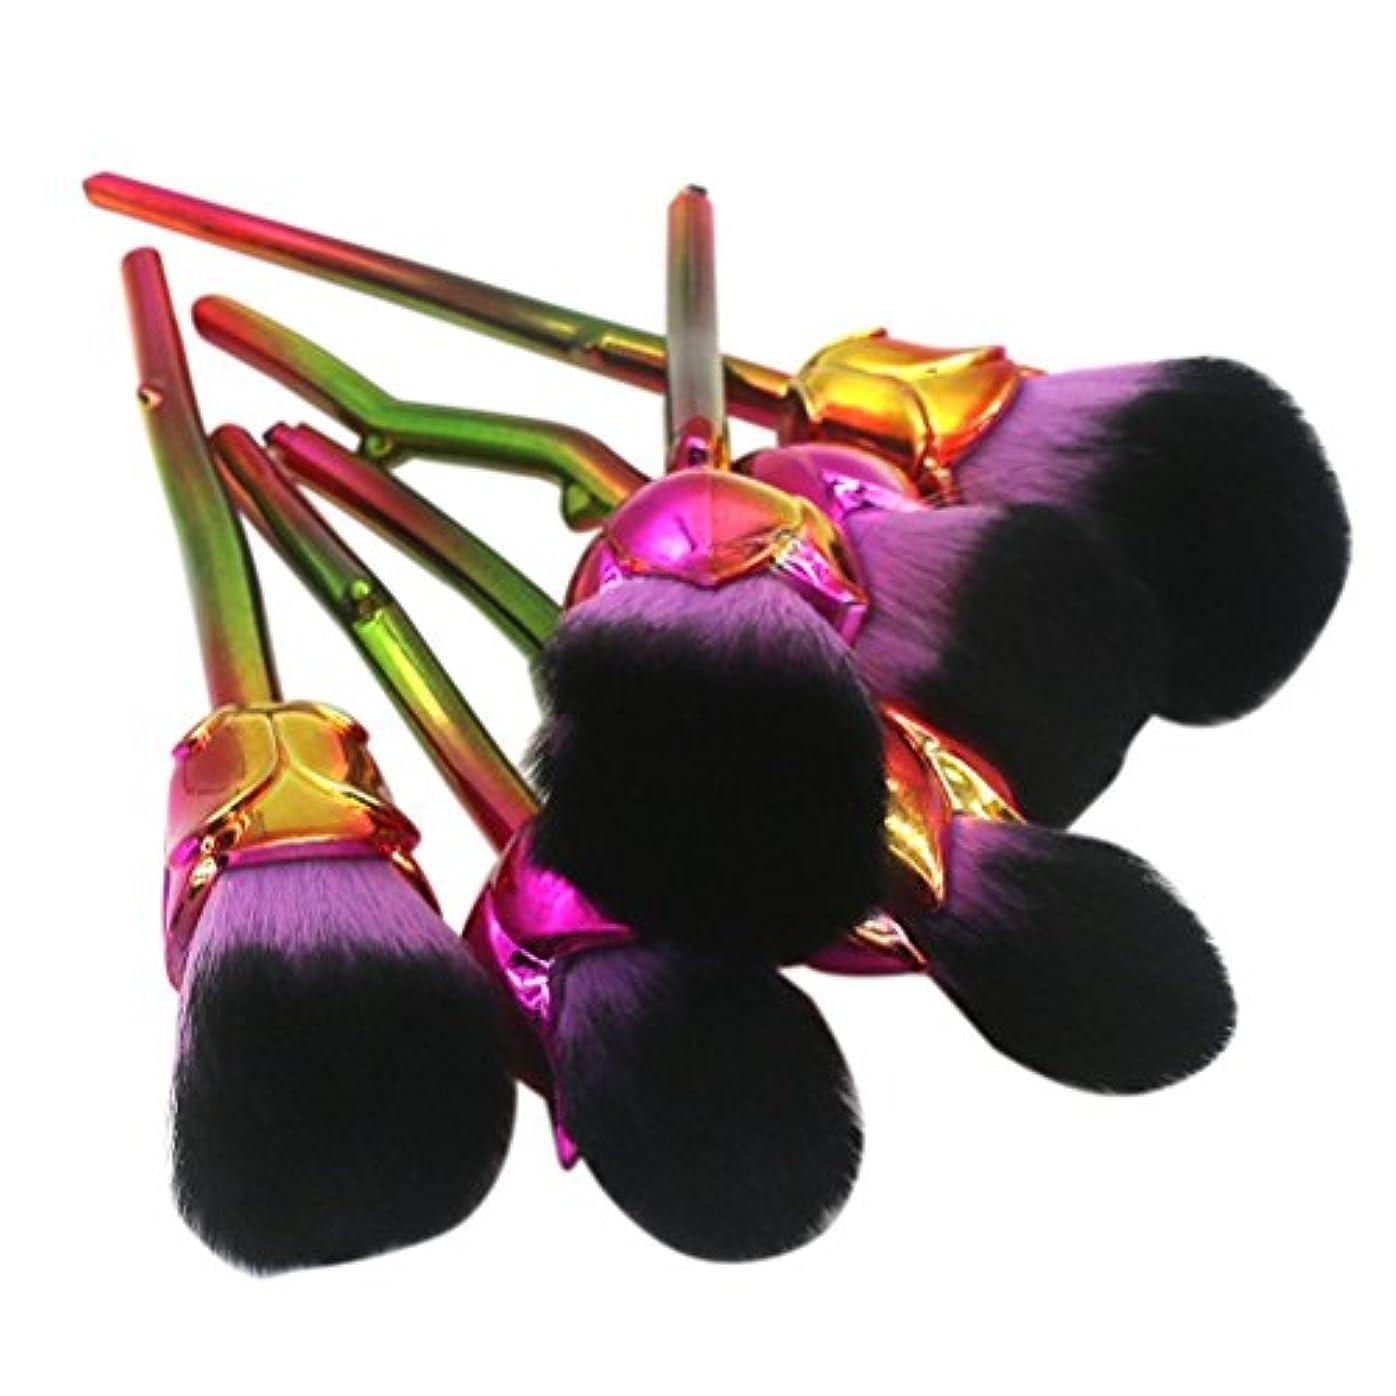 トーナメント安定したキャンドルディラビューティー(Dilla Beauty) メイクブラシ 薔薇 メイクブラシセット 人気 ファンデーションブラシ 化粧筆 可愛い 化粧ブラシ セット パウダーブラシ フェイスブラシ ローズ メイクブラシ 6本セット ケース付き (パープル)